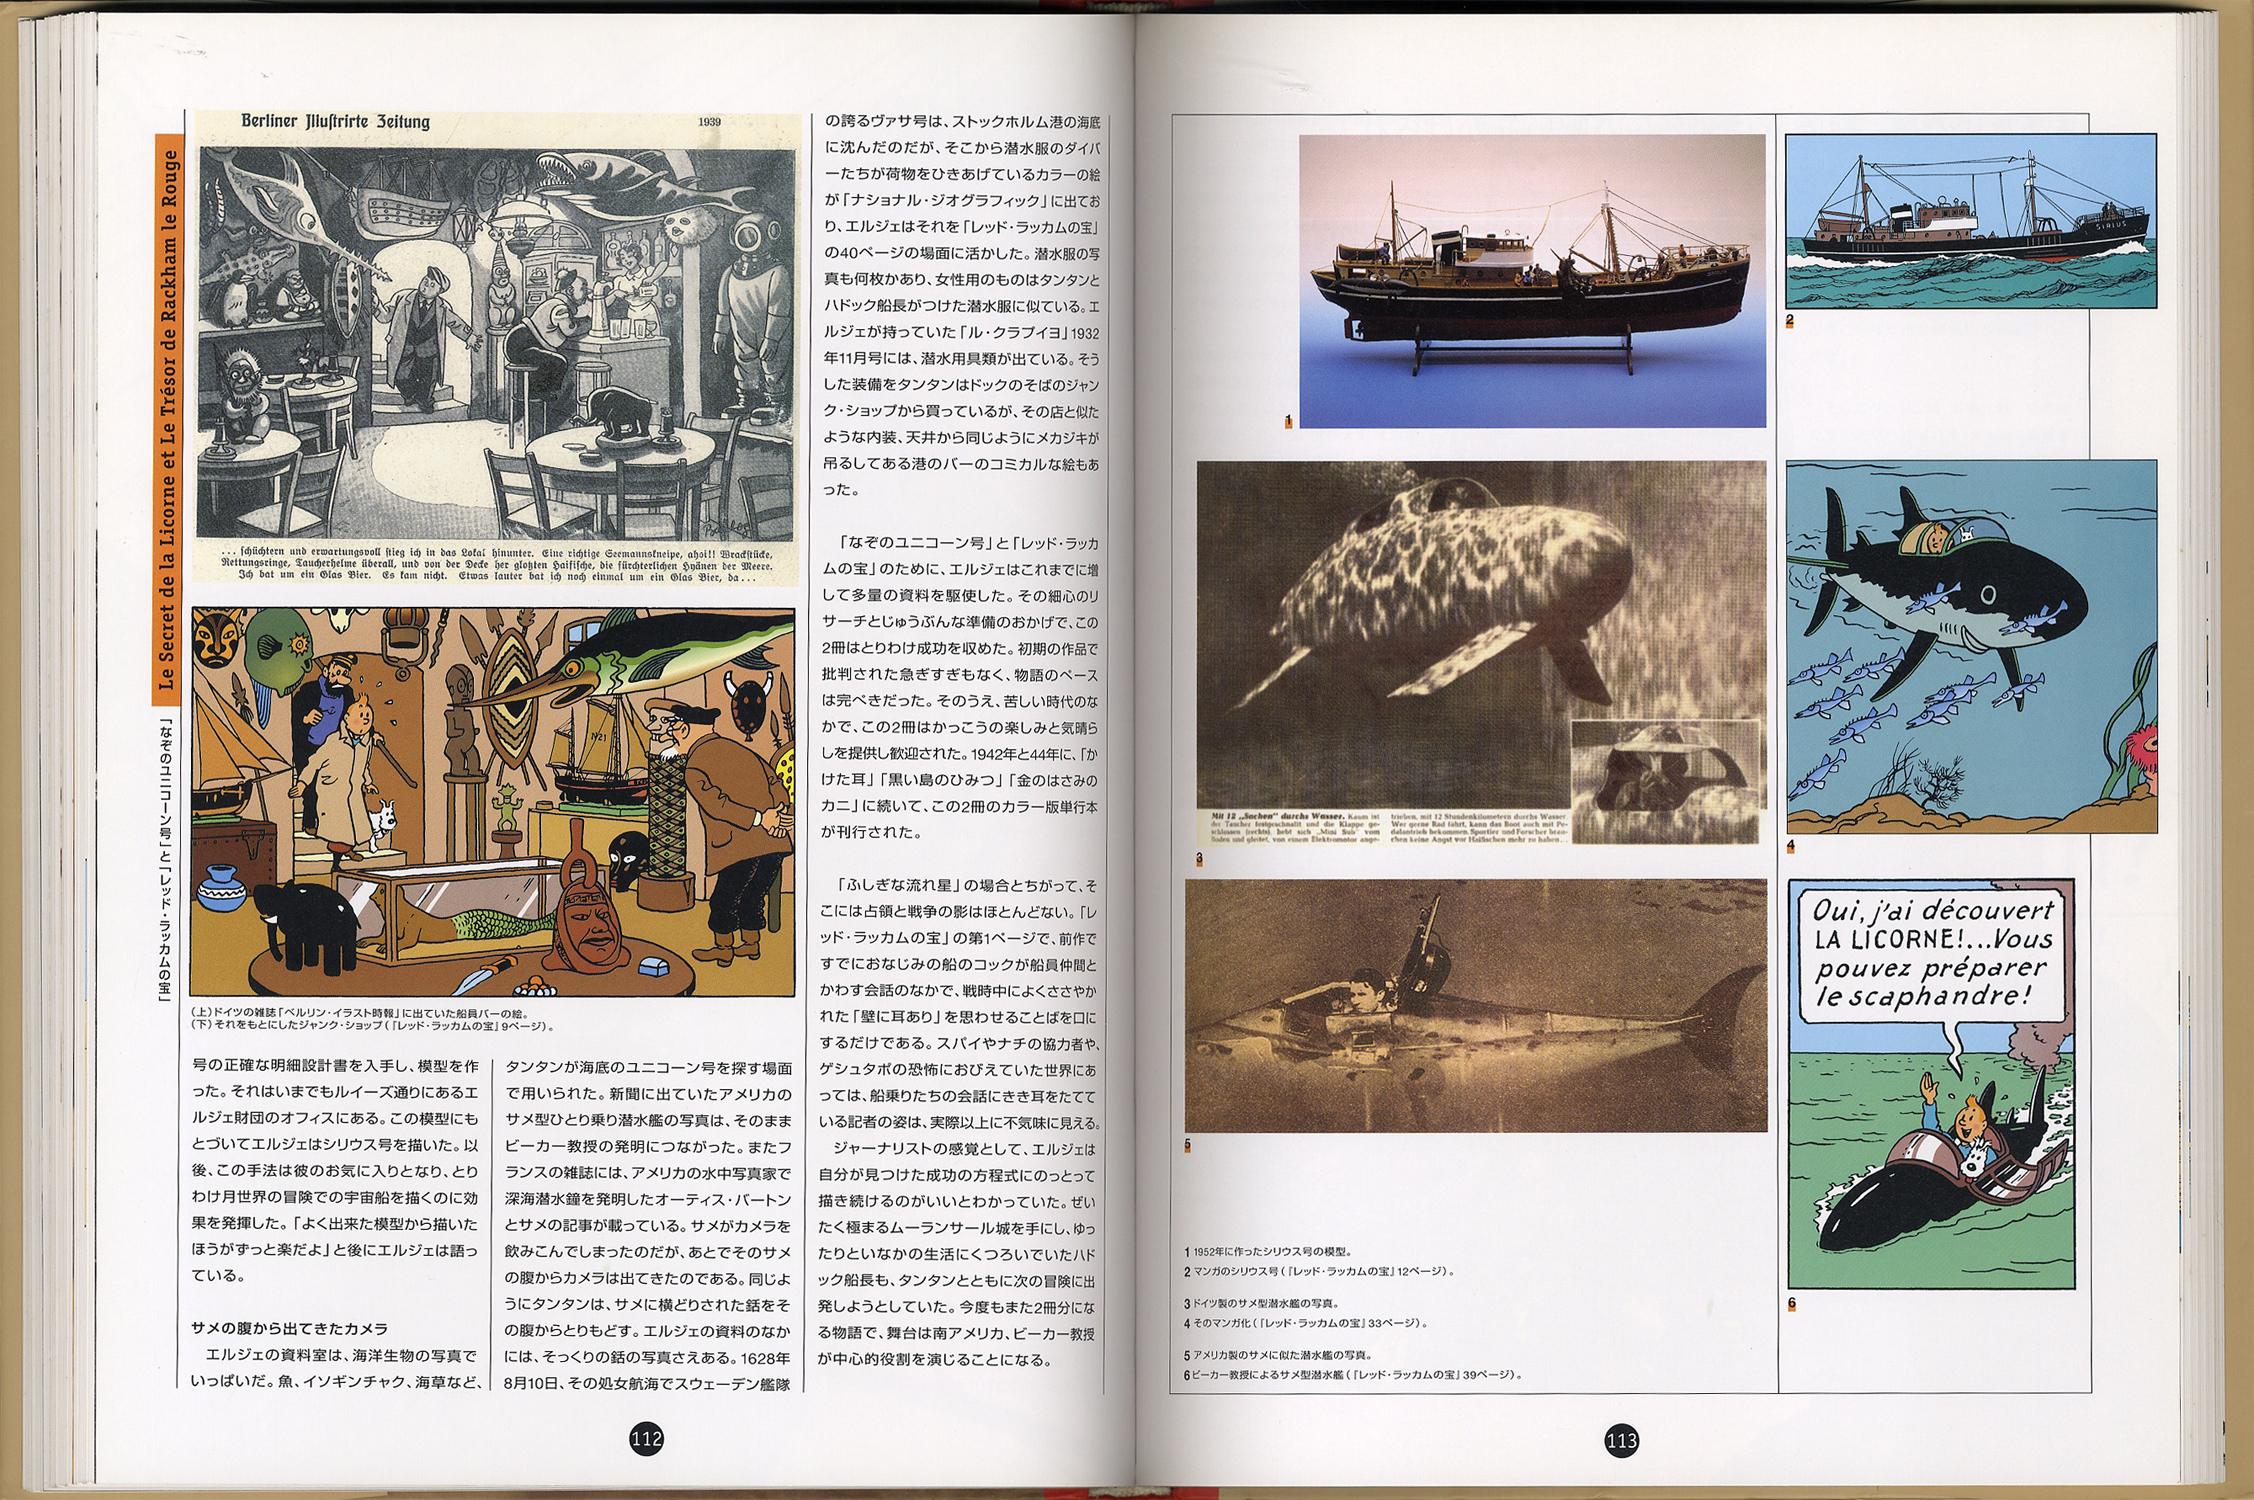 TINTIN タンタンの冒険その夢と現実[image5]